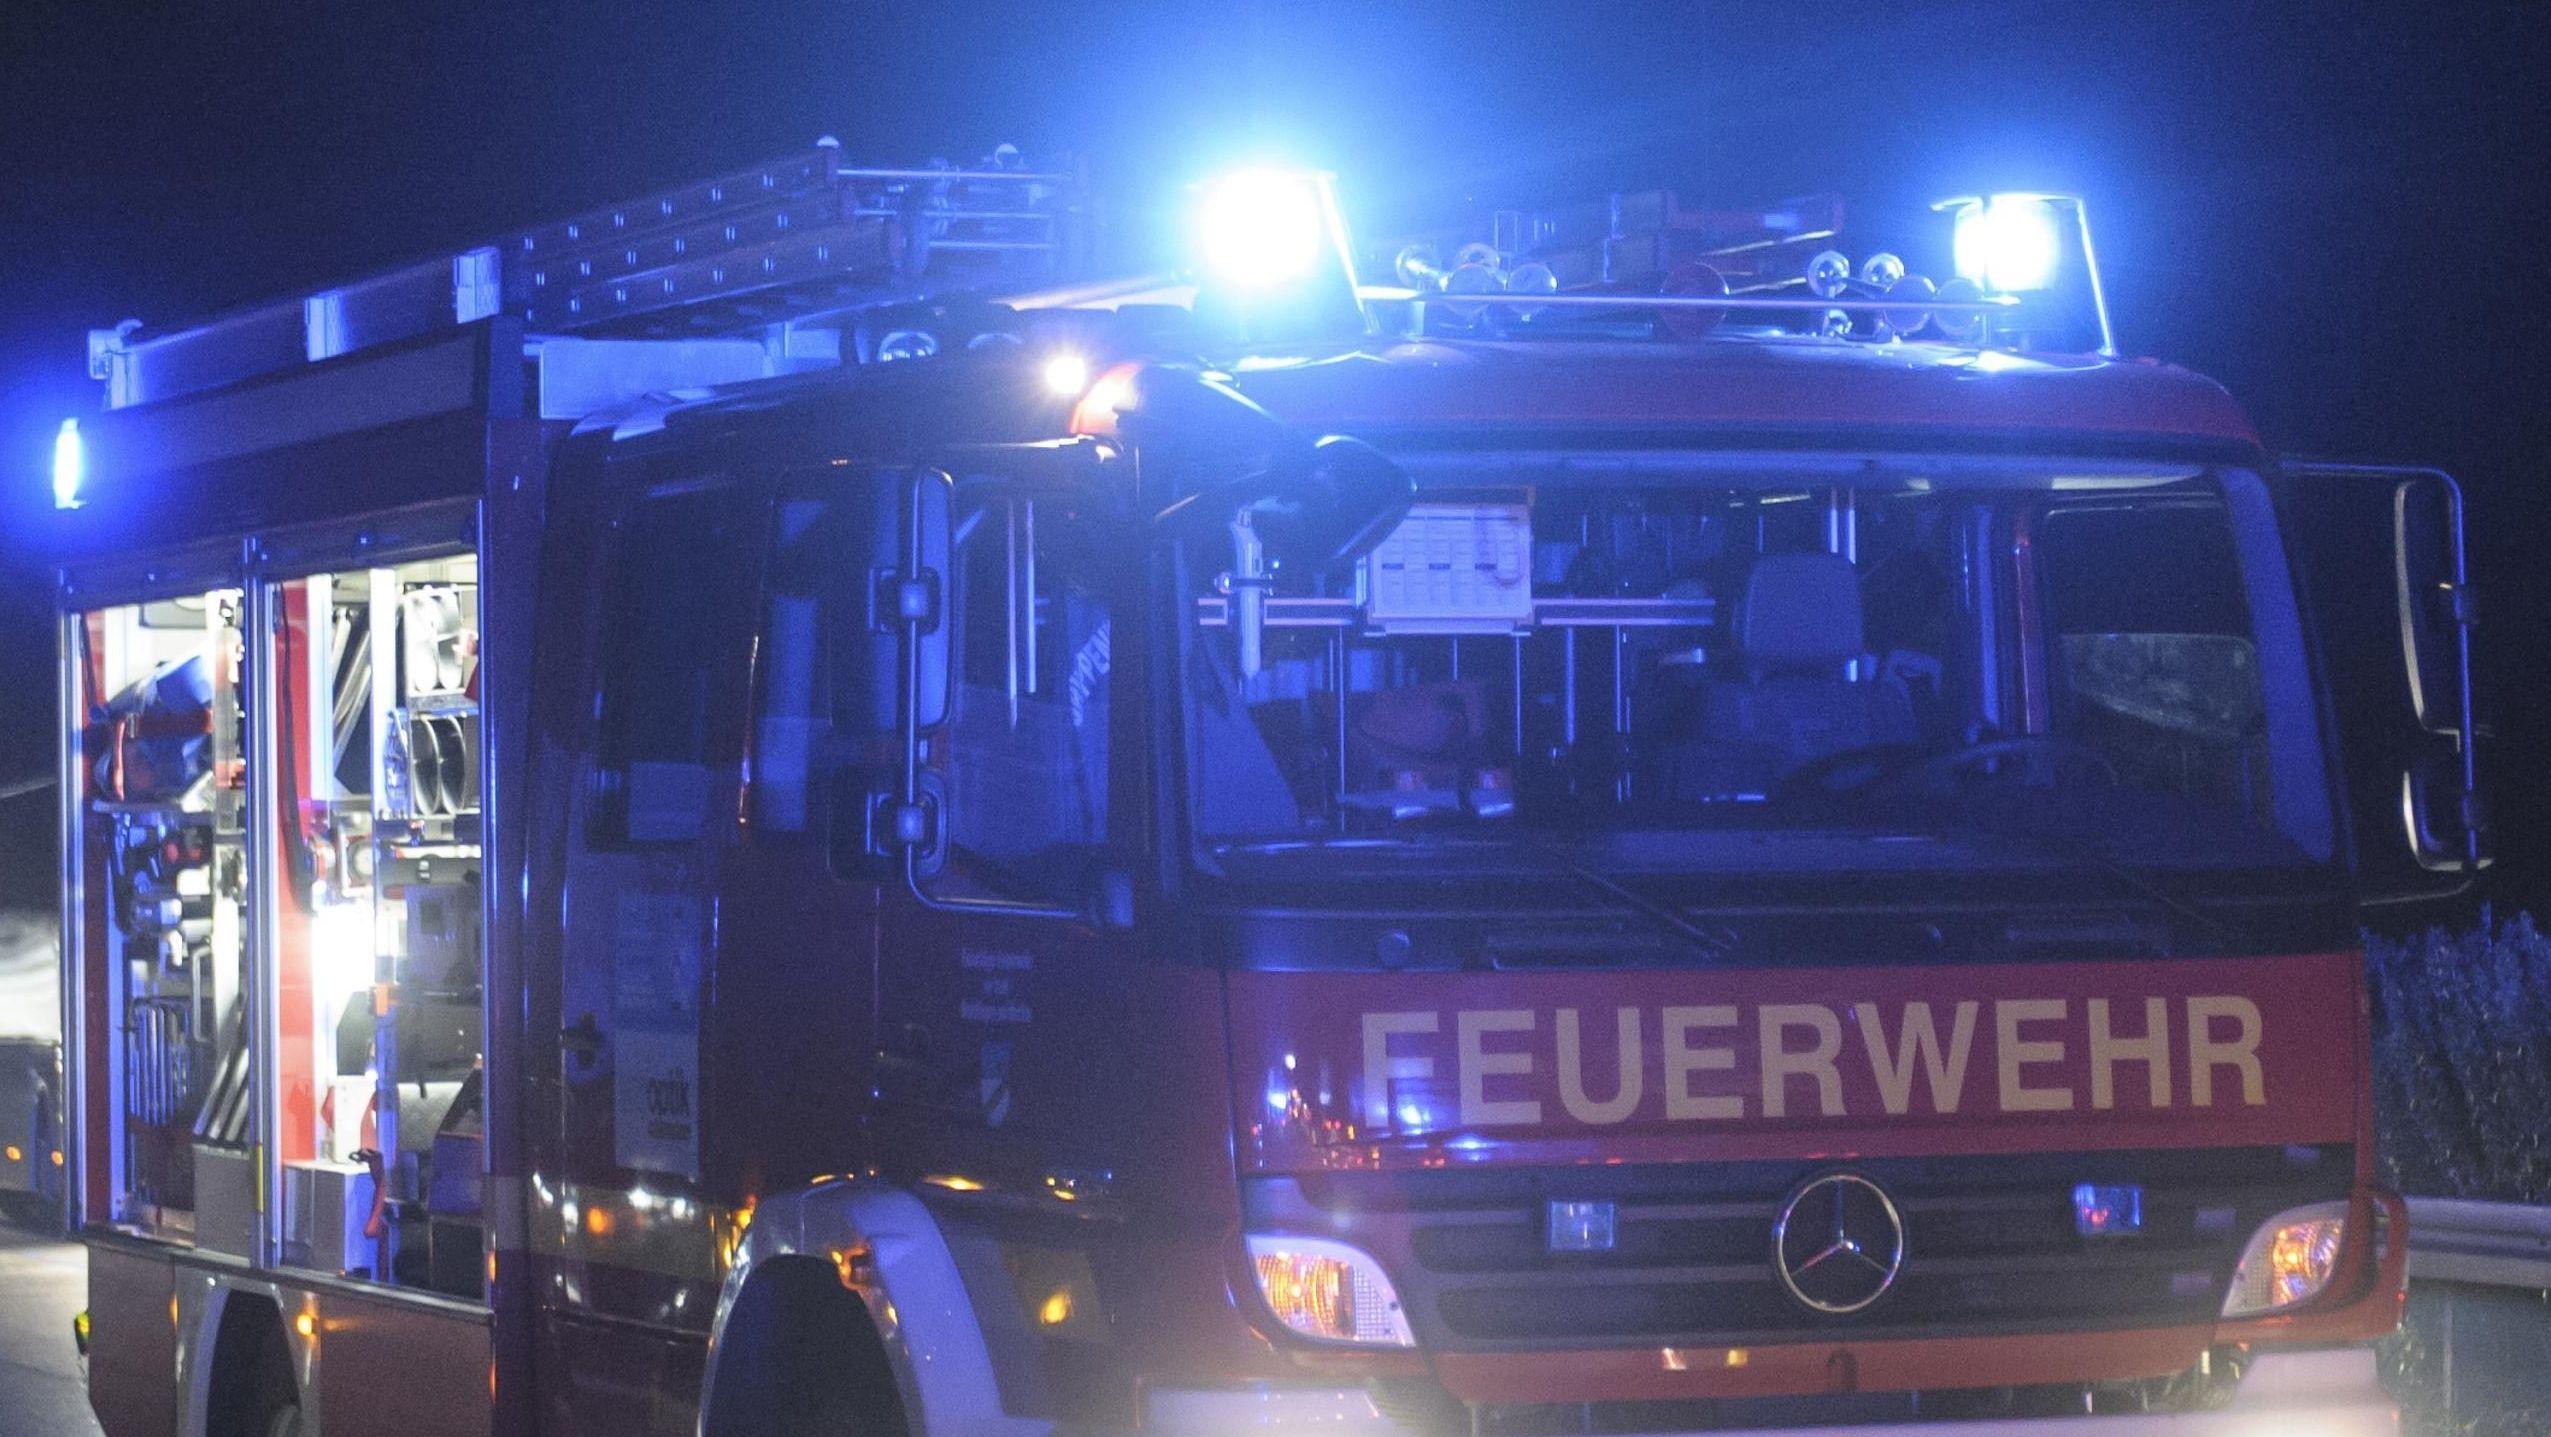 Feuerwehrfahrzeug in der Nacht